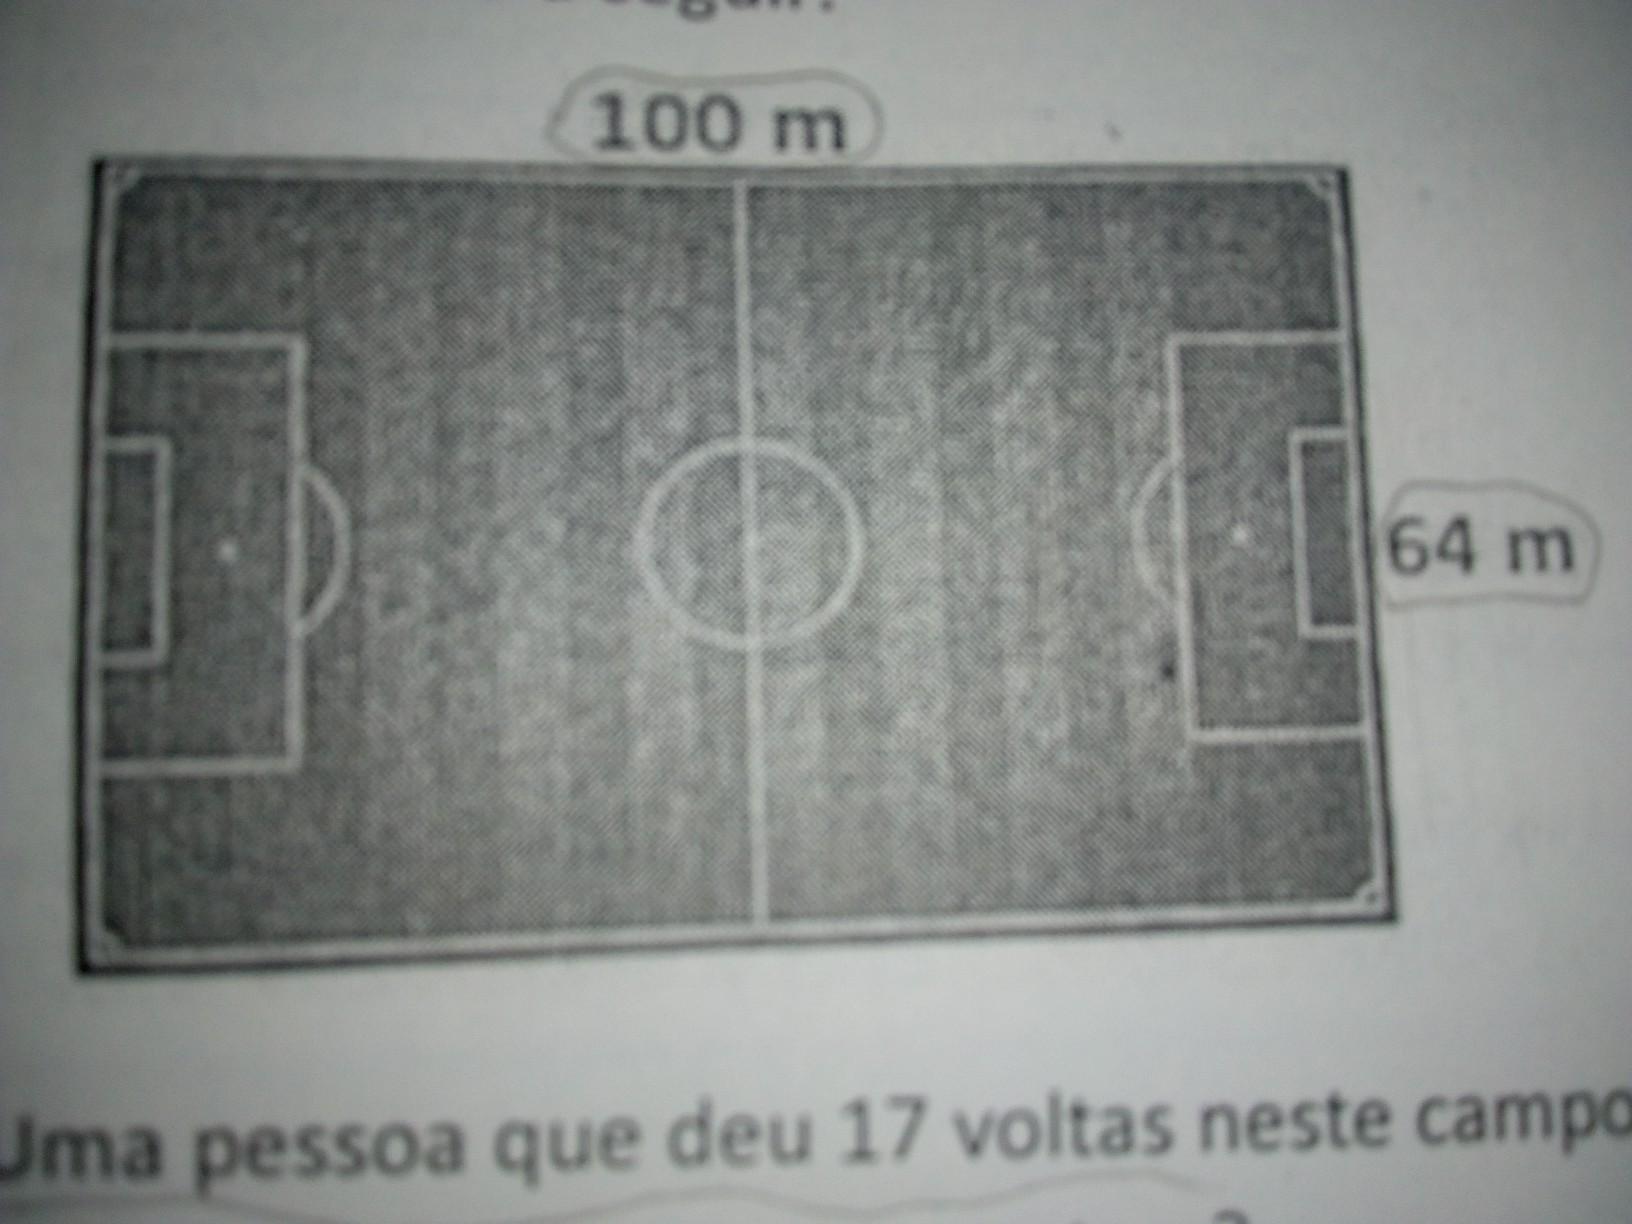 85bc2a32fd Observe a representação de um campo de futebol apresentado a seguir ...